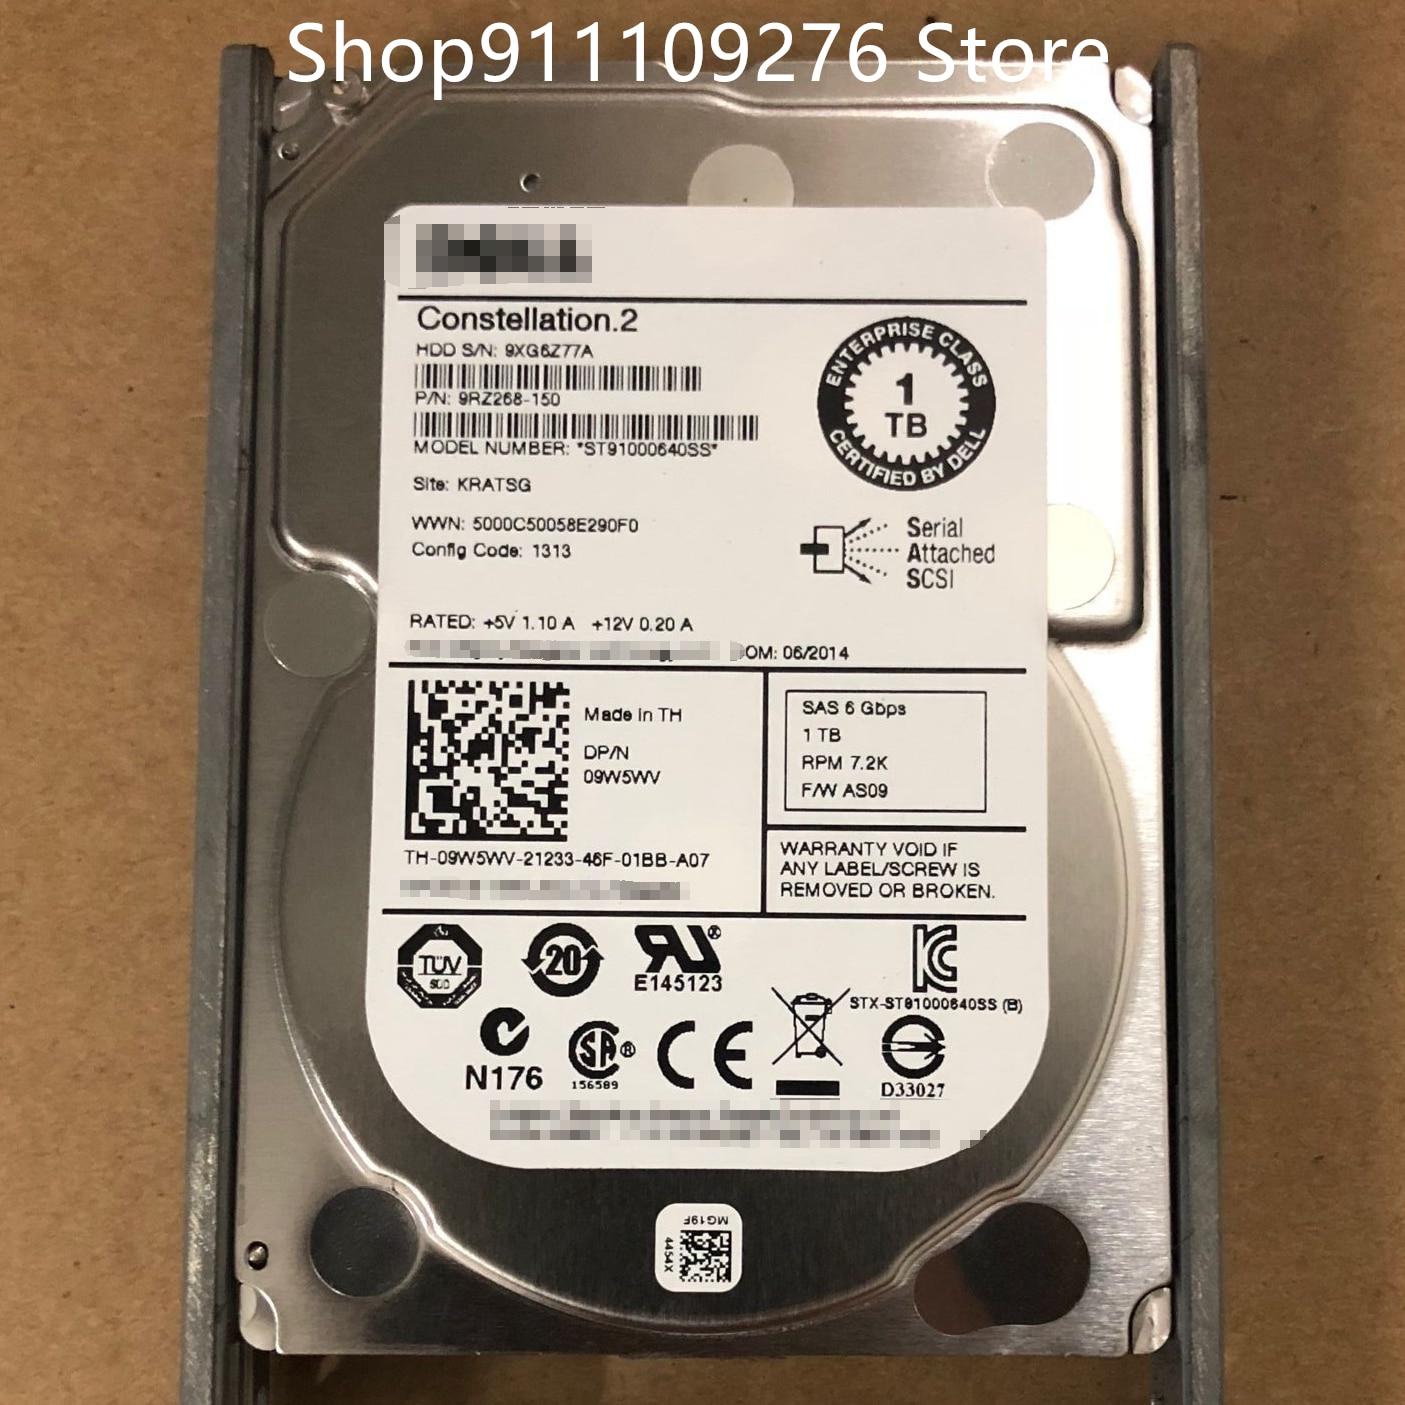 الأصلي HDD لديل/سيجيت ST91000640SS 2.5 بوصة SAS 6 جيجابايت في الثانية 1 تيرا بايت RPM 7.2K